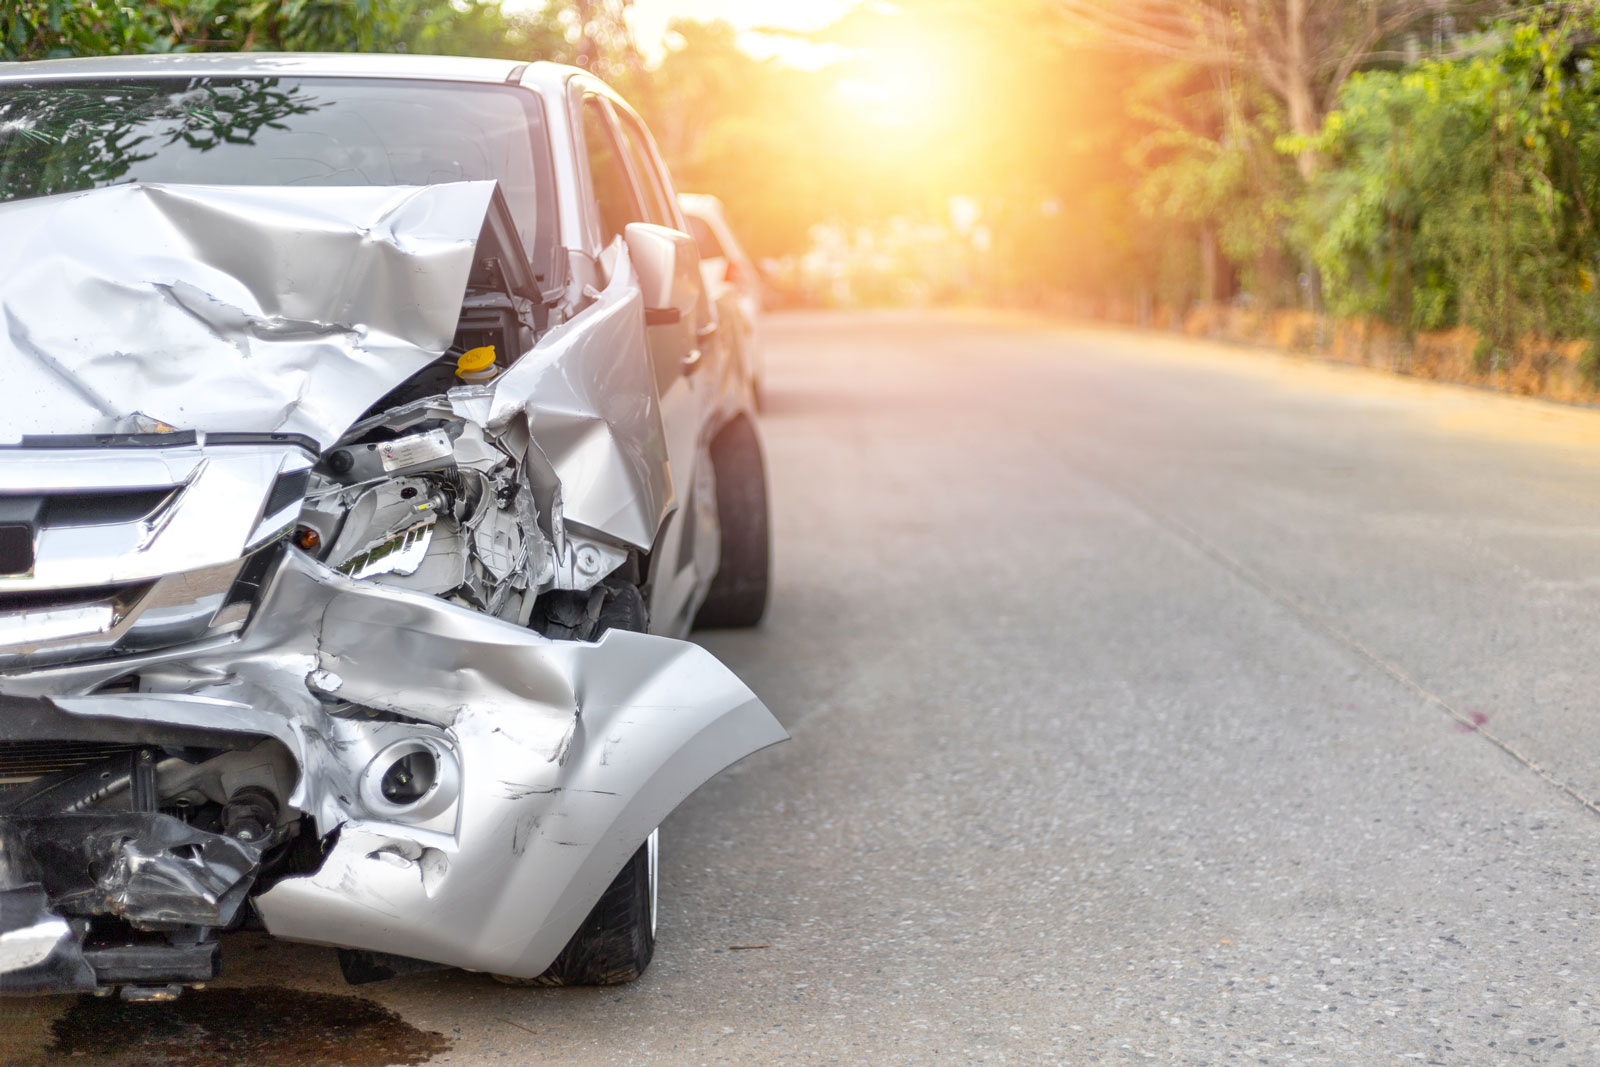 Schrottreifer Wagen: Für den Unfalllverursacher kann das teuer werden.